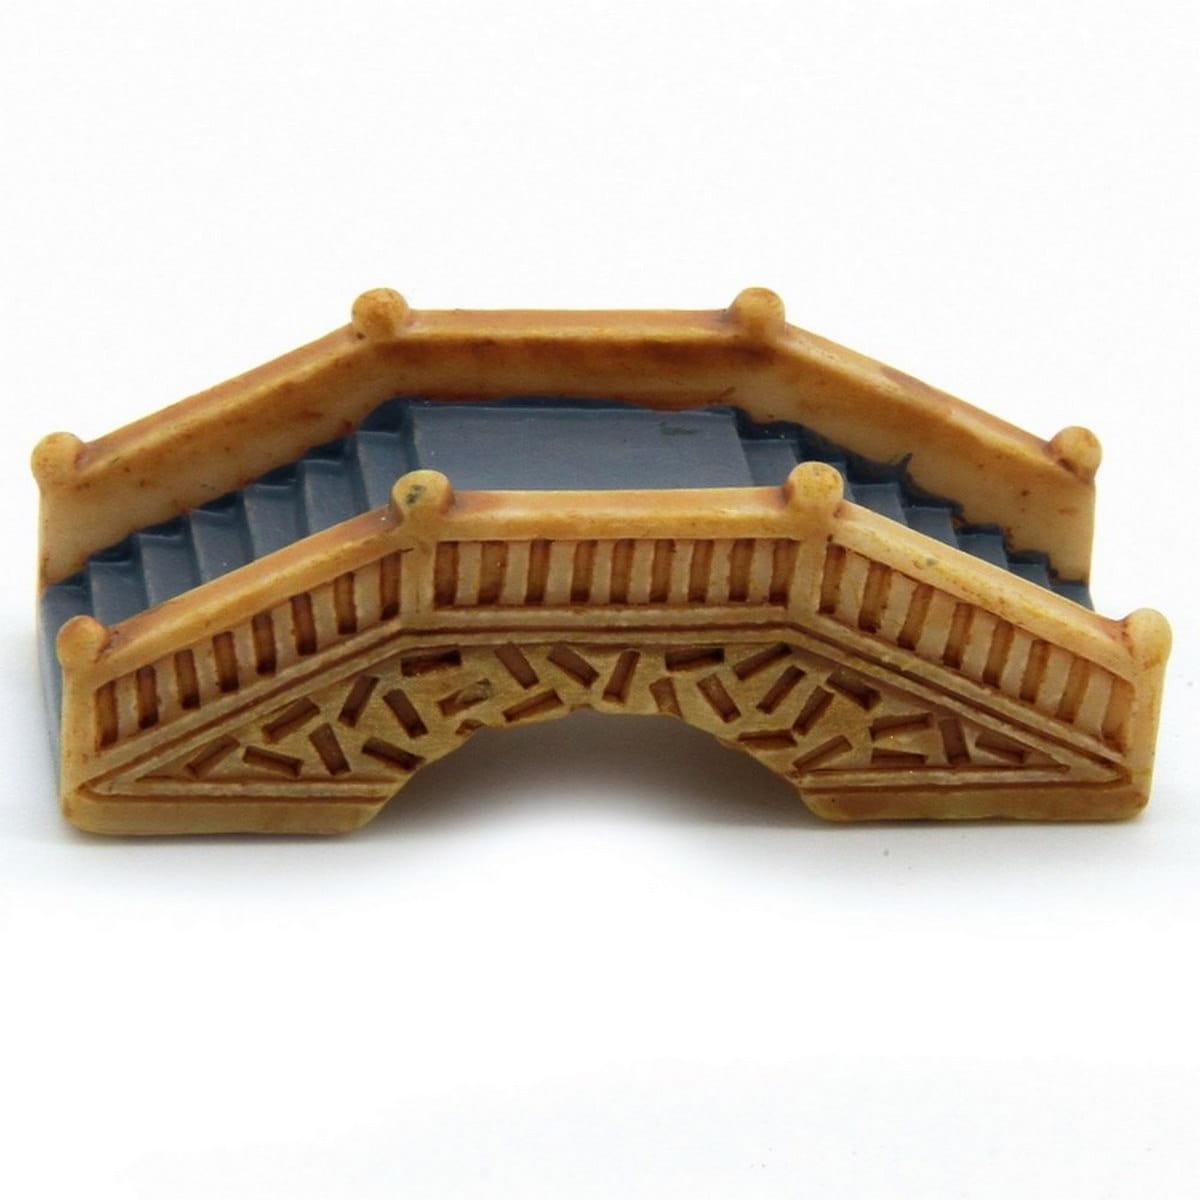 Miniature Wooden Bridge